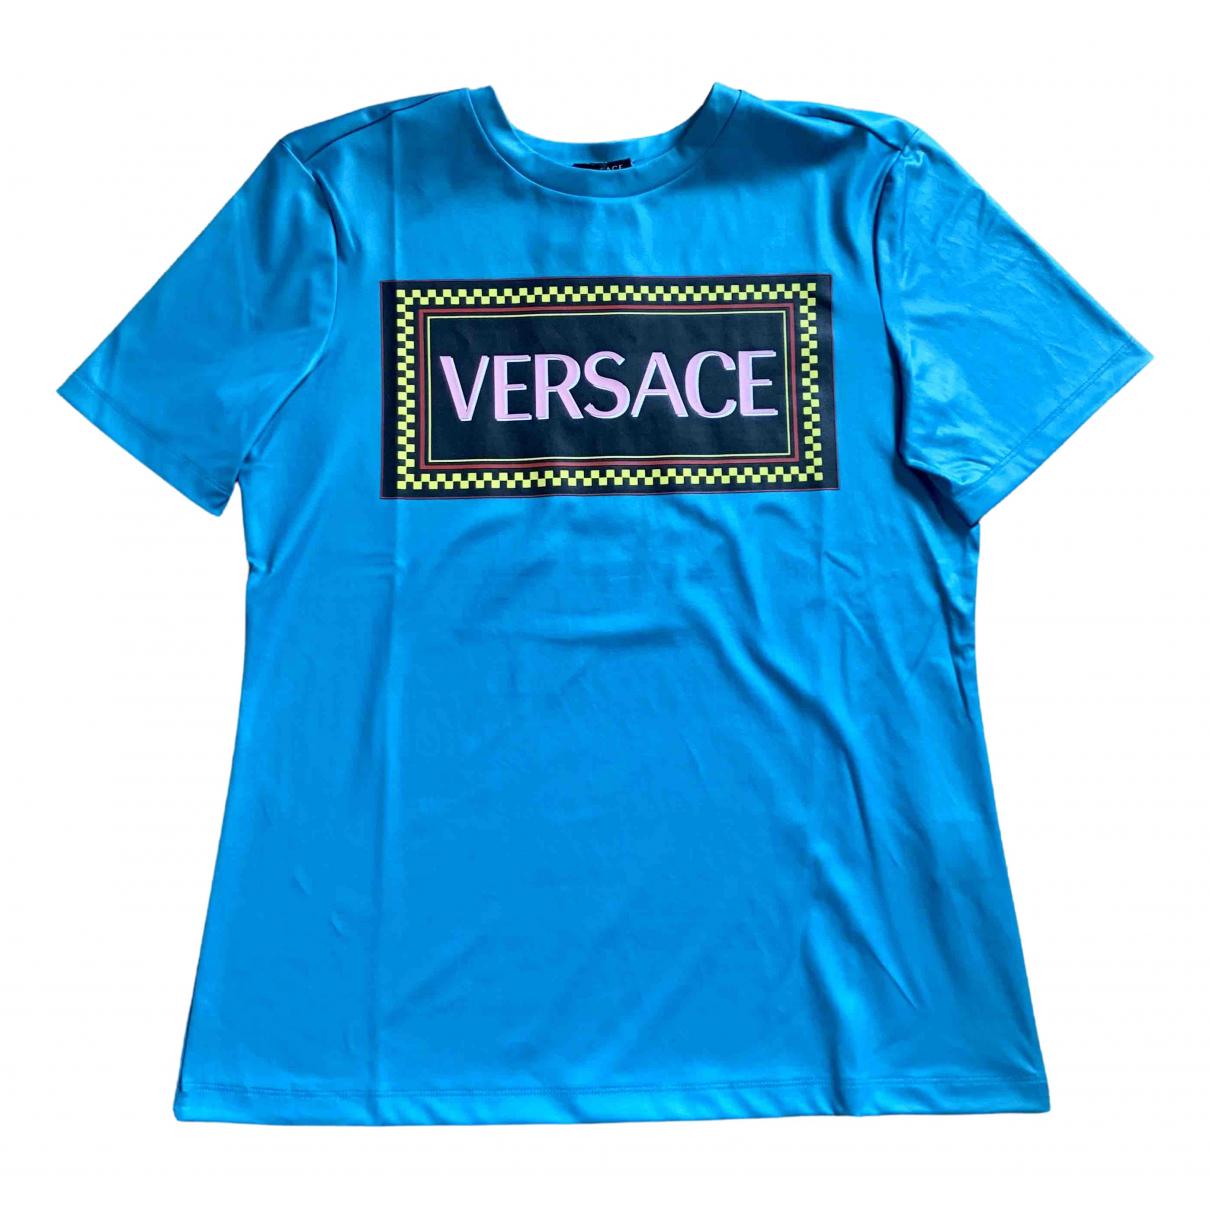 Versace - Top   pour femme - bleu